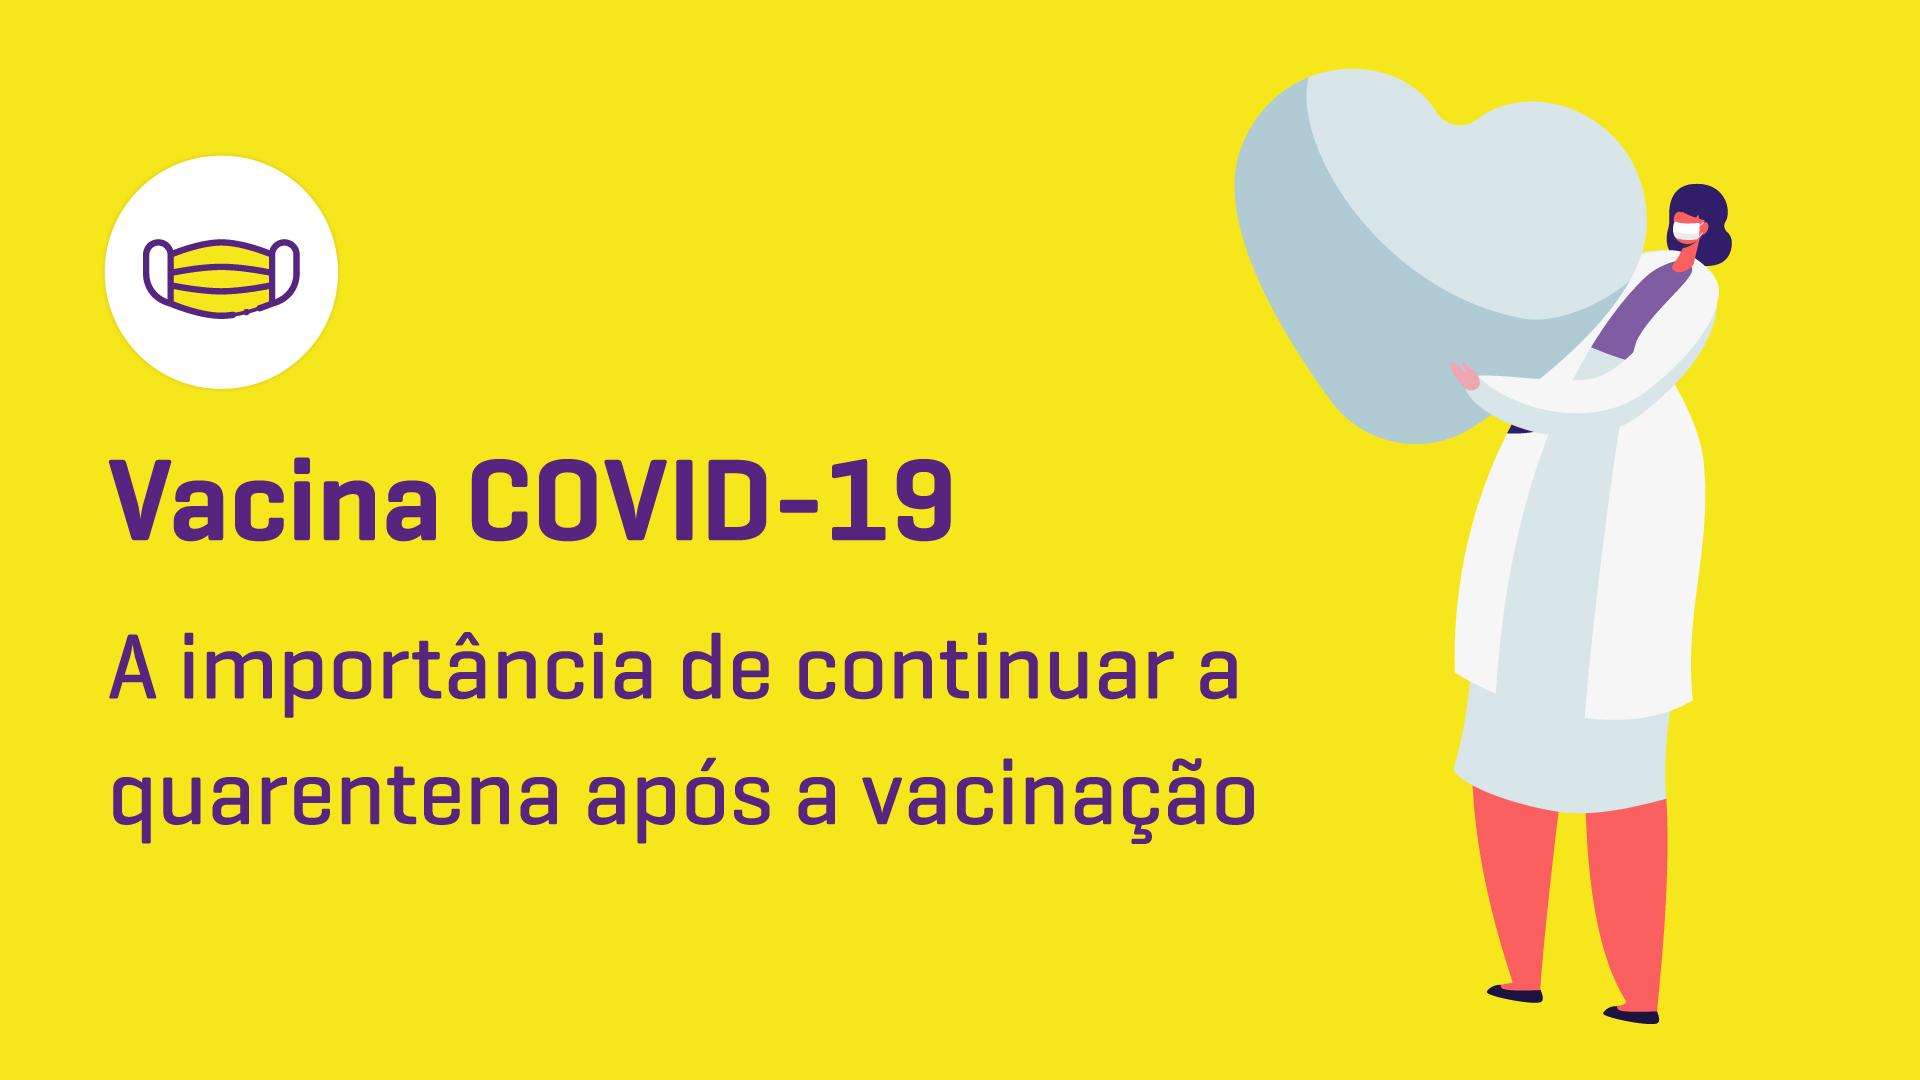 Vacina COVID-19: a importância de continuar a quarentena mesmo após a vacinação